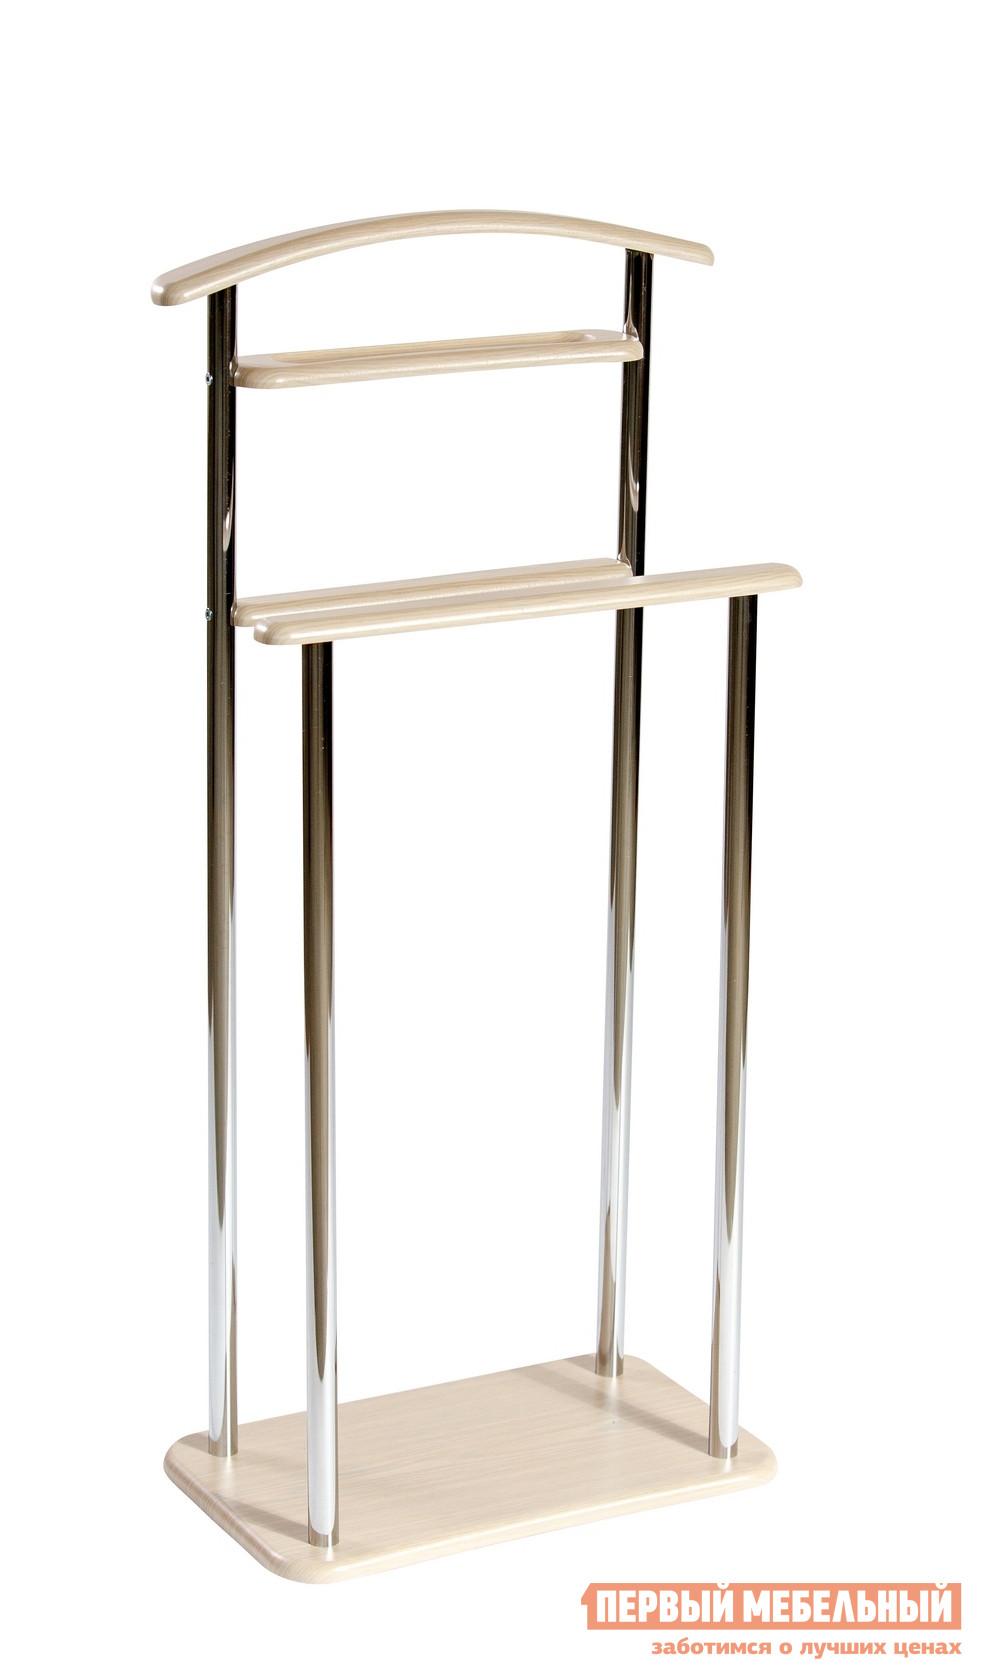 Костюмная вешалка Калифорния мебель Костюмная вешалка Элдридж Дуб беленый от Купистол